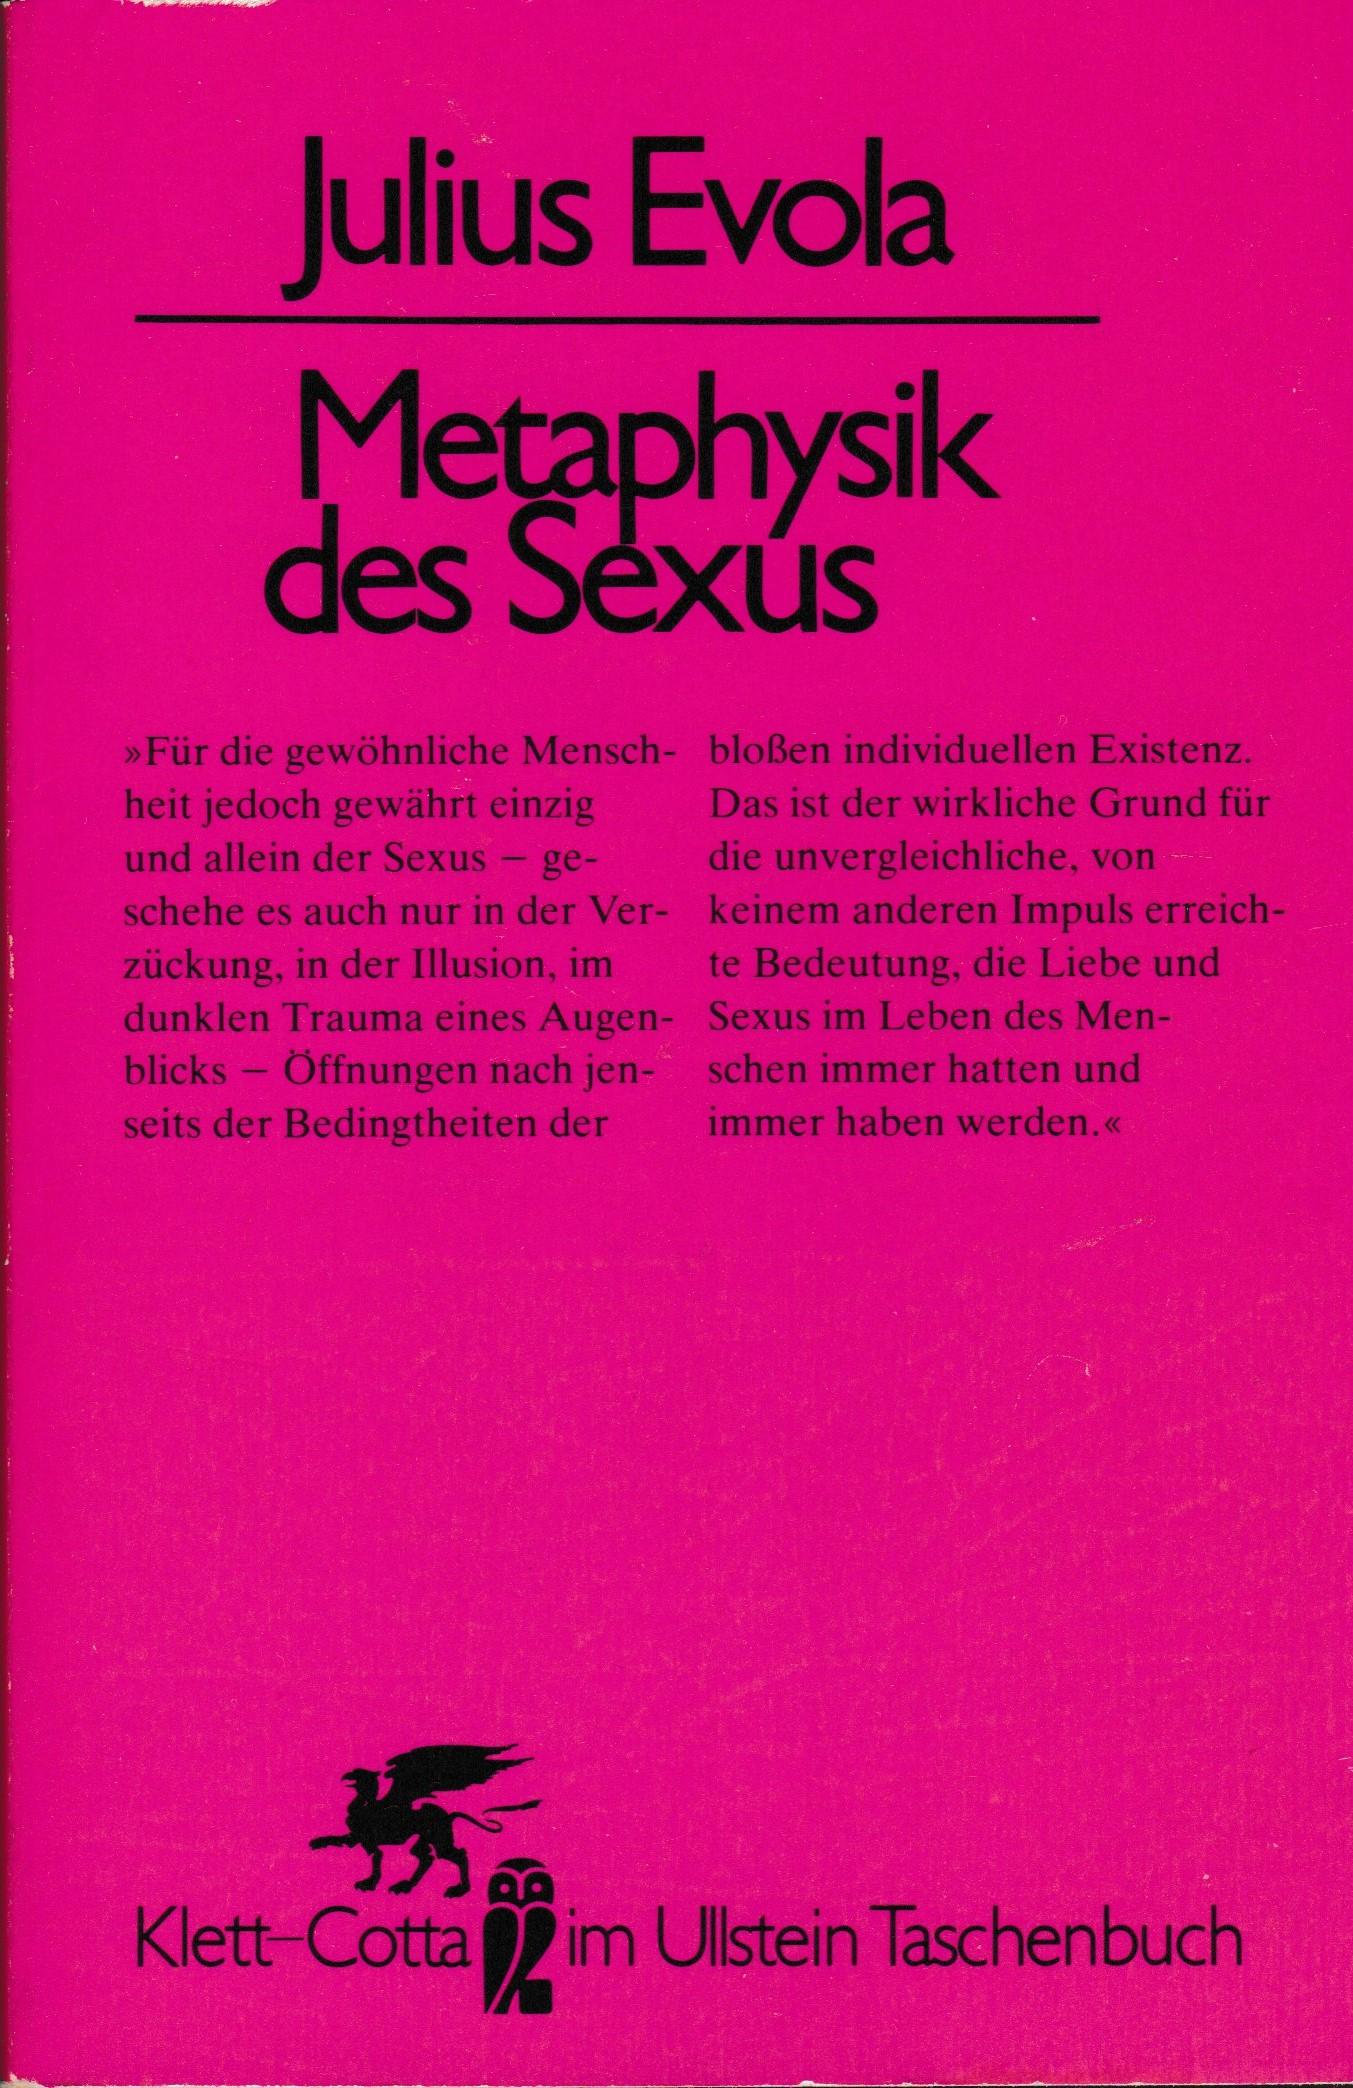 Metaphysik des Sexus